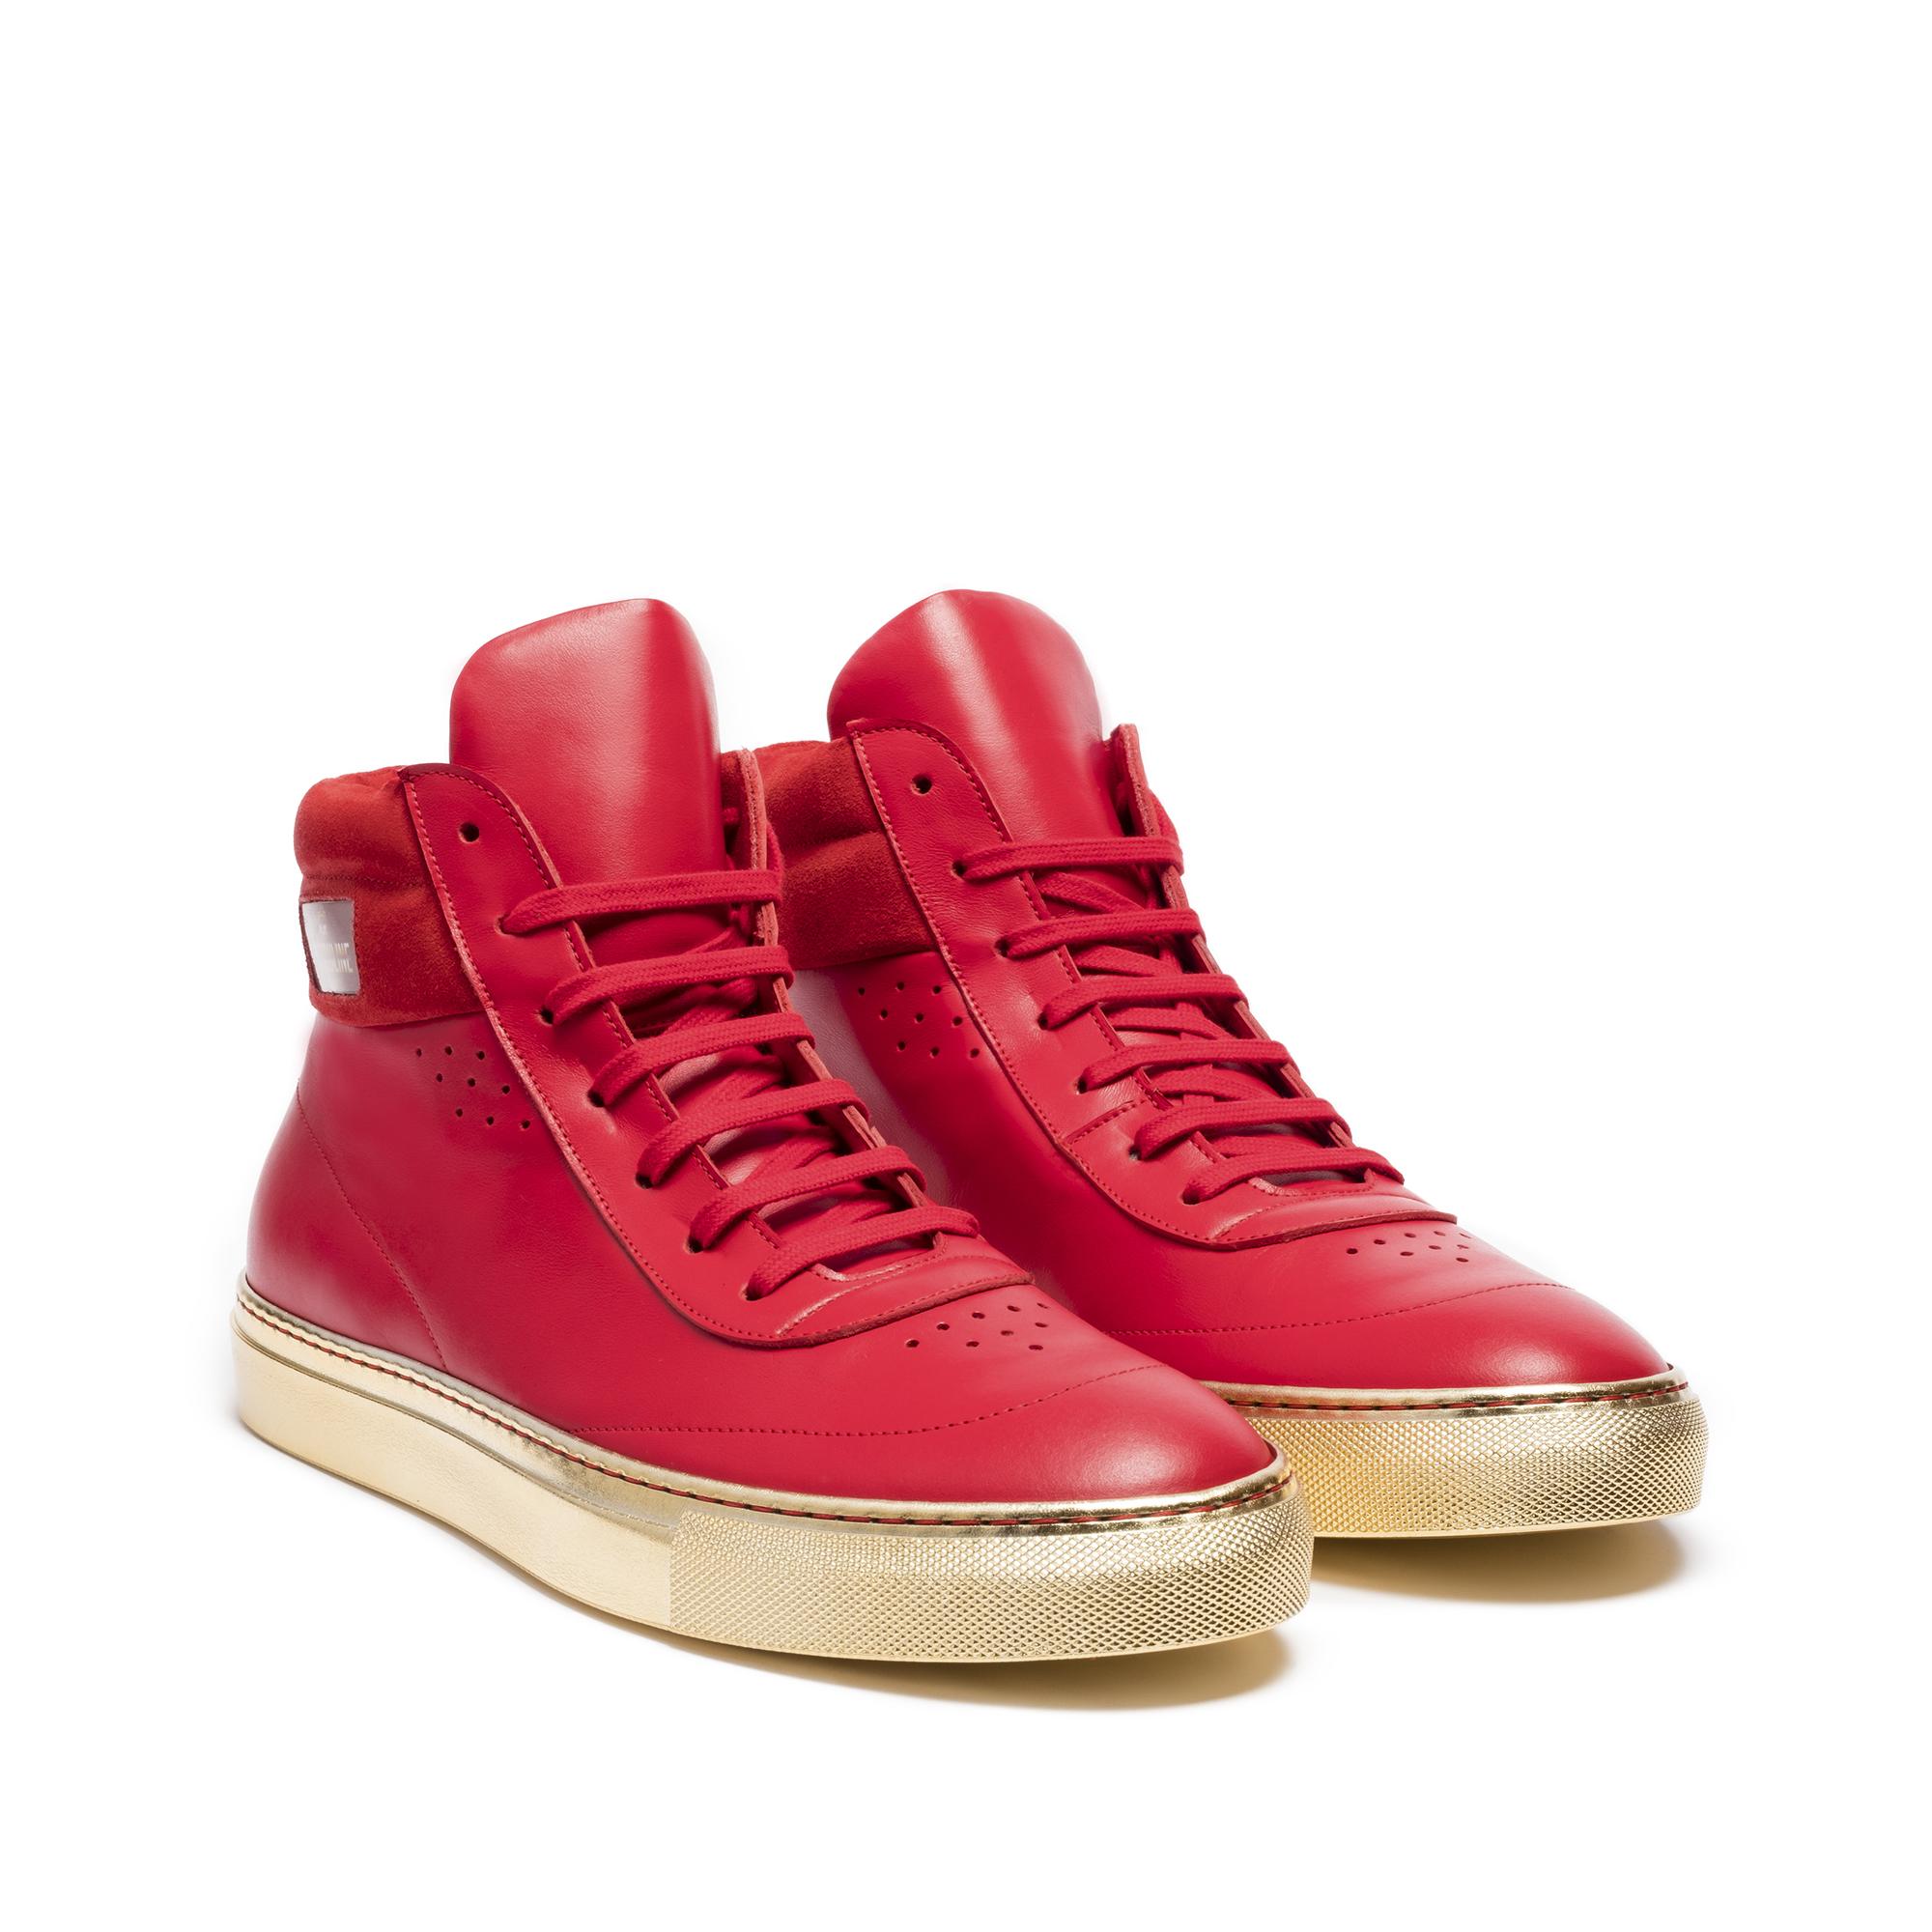 Alive_shoes_still-189-da91cf905de91dfd5405f4cba1b8718